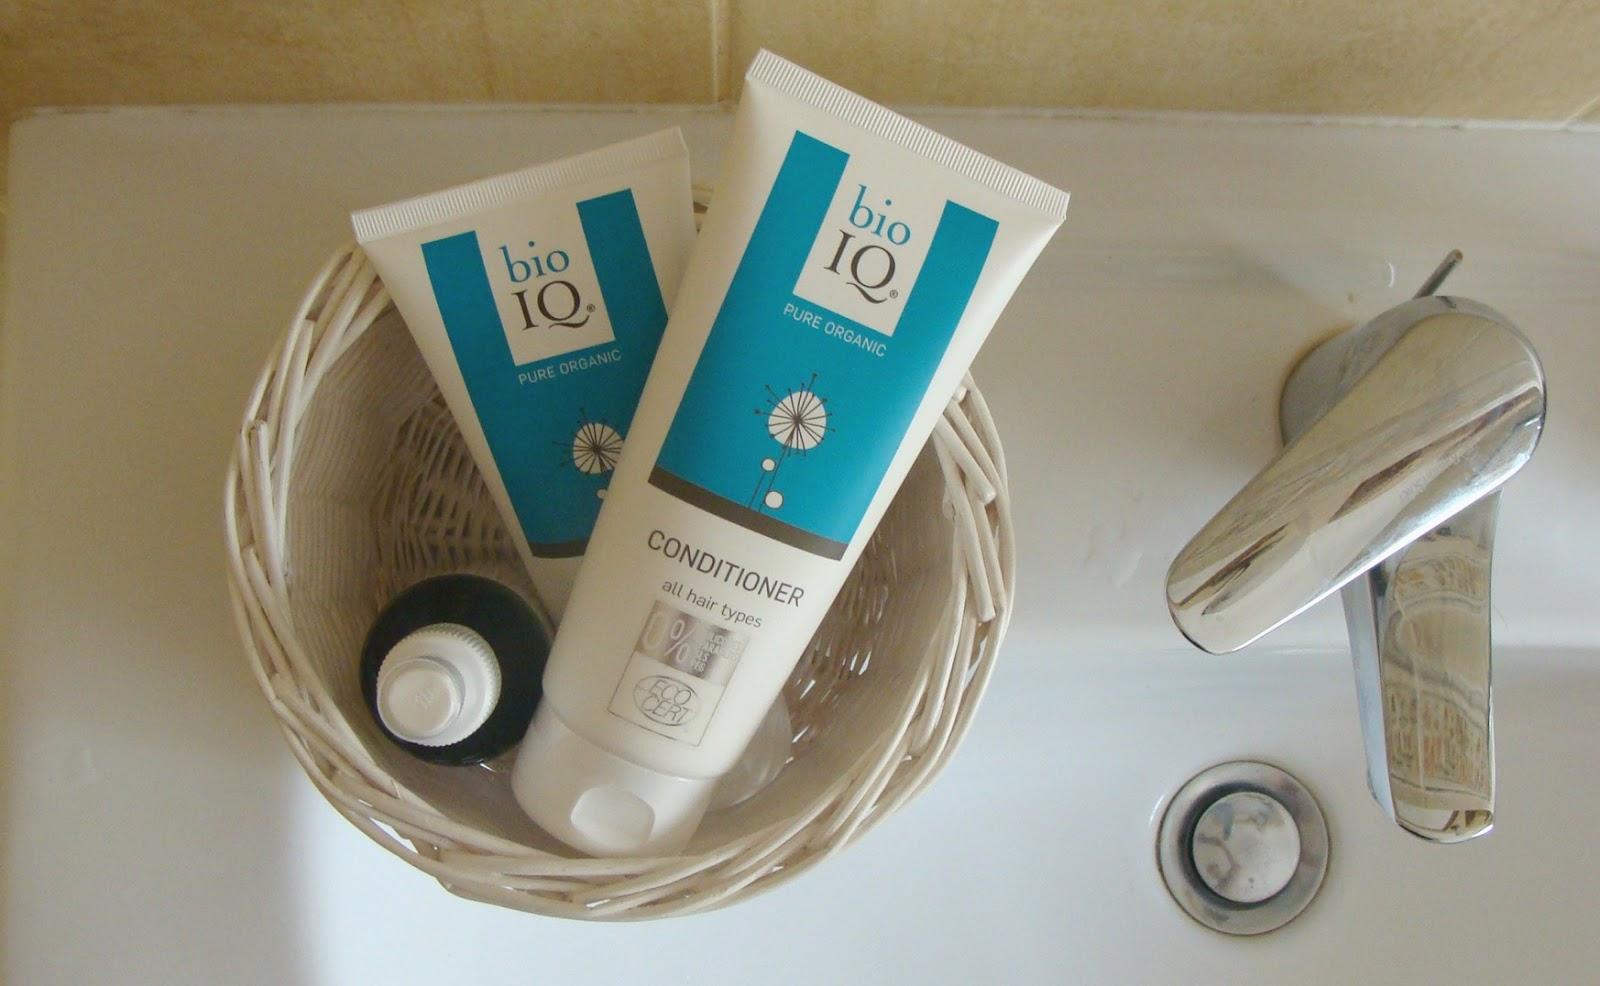 Szampon i odżywka do włosów BioIQ